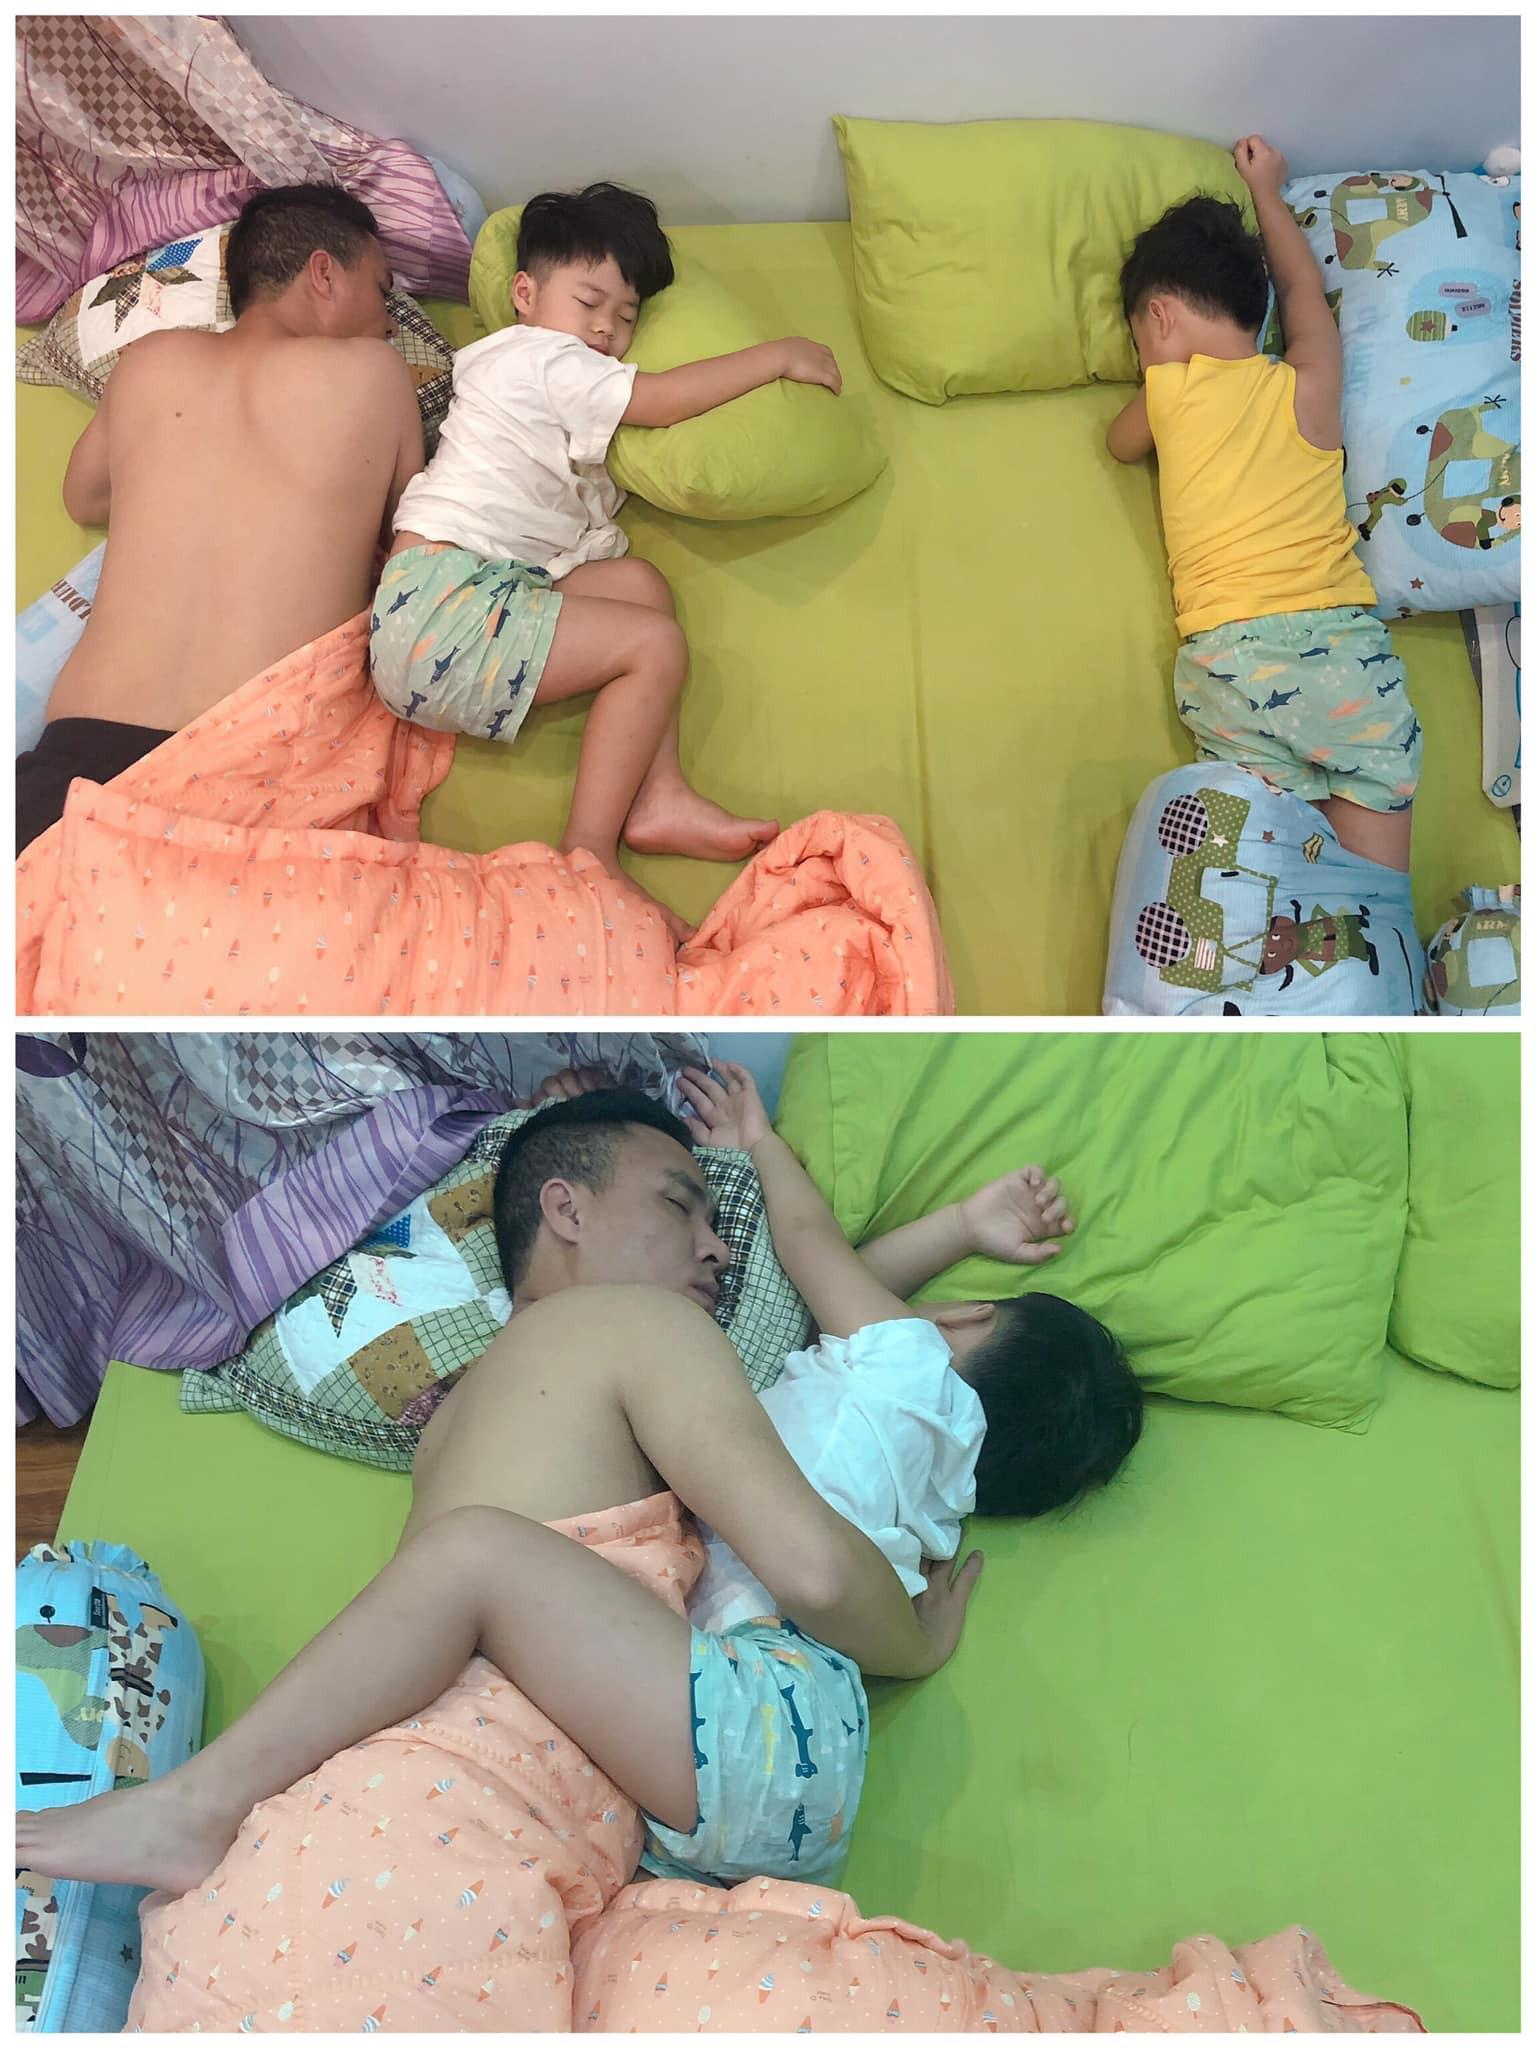 Sau khi làm lành với chồng sắp cưới, MC Hoàng Linh lại bất ngờ chia sẻ cảm giác rất lẻ loi-2